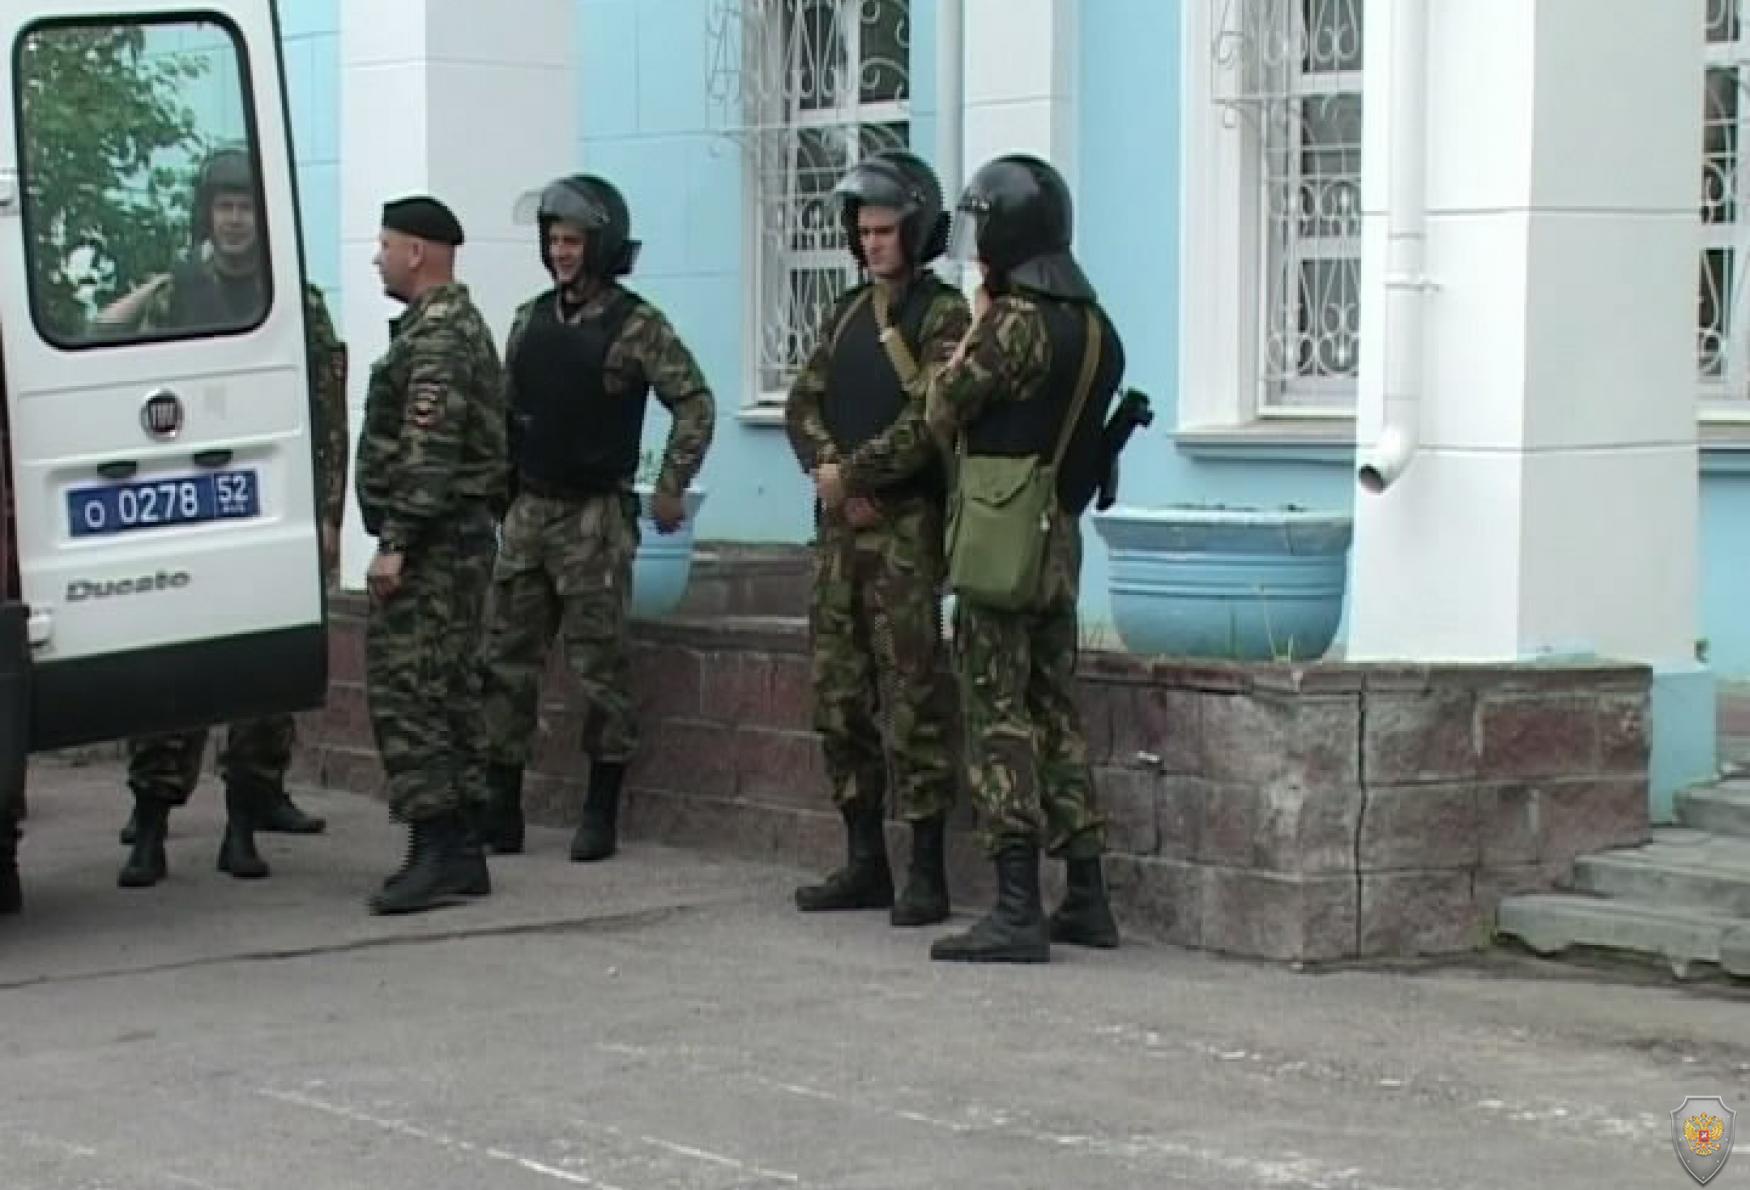 Тактико-специальное учение «Набат-МАНН-2014». Нижний Новгород. 7 июня 2014 года